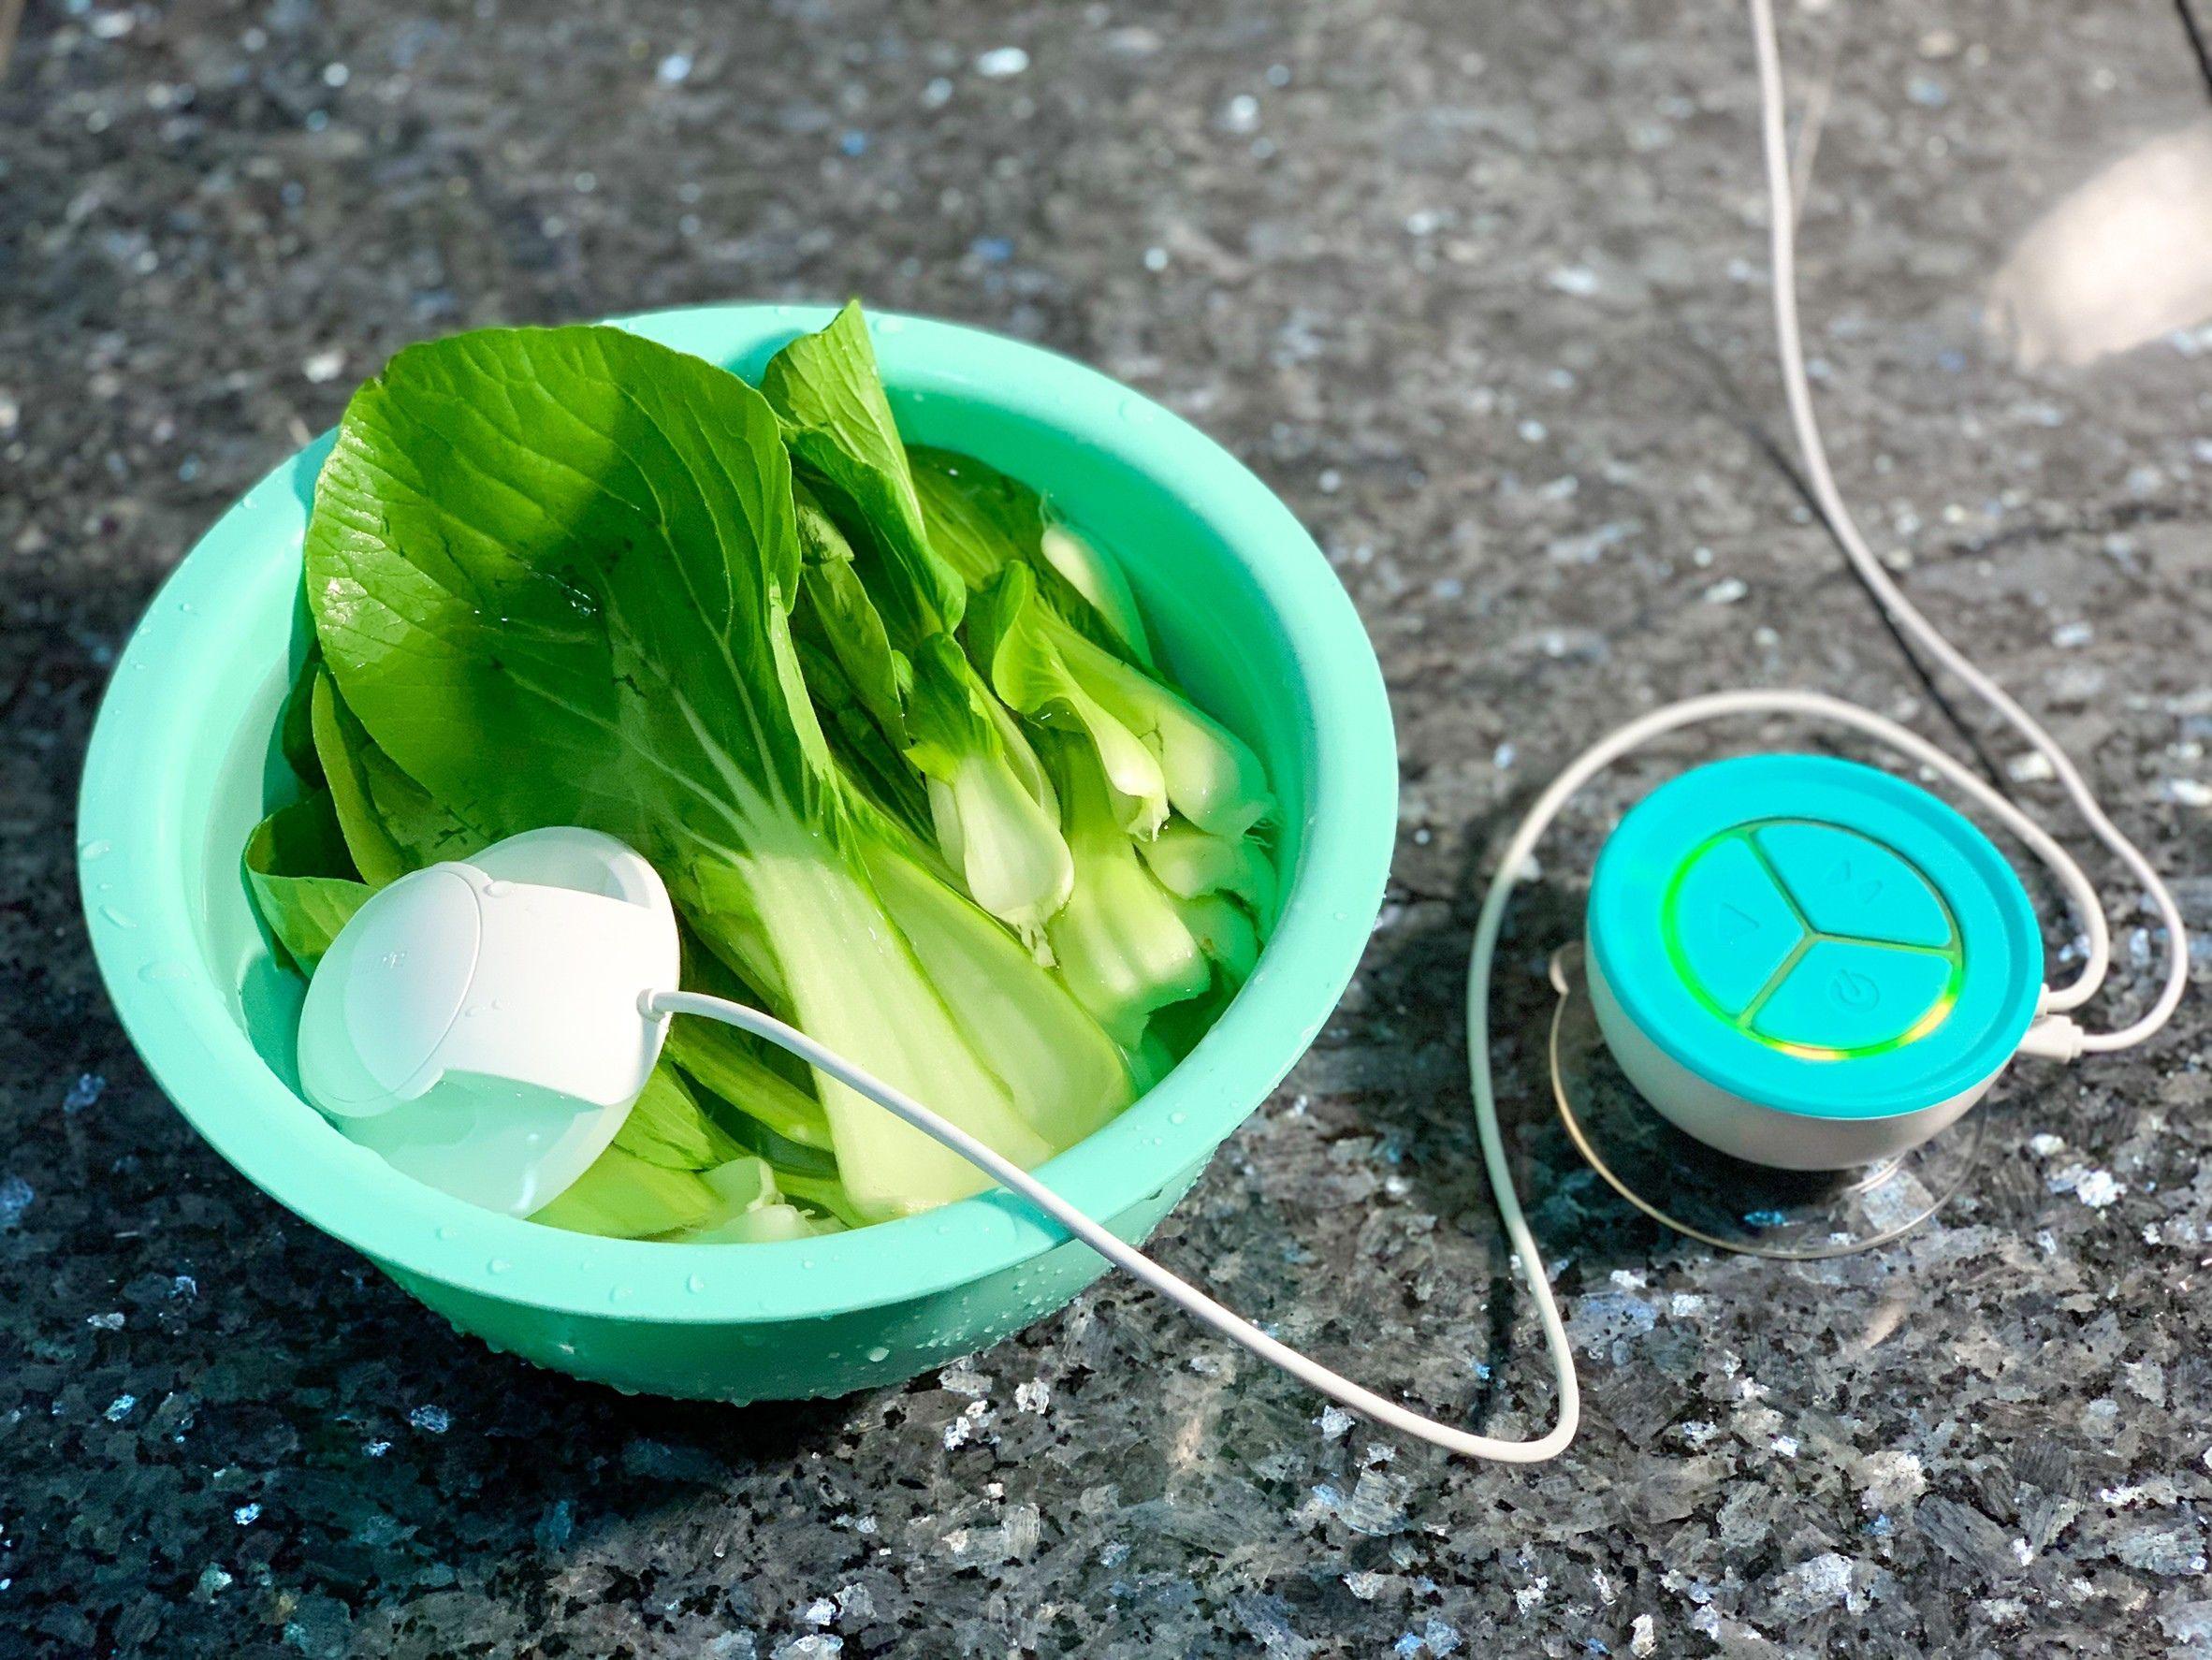 蔬活球Fluid Scanner水質檢測器│居家農藥檢測神器開箱【工研院專利技術移轉,IPX7防水認證】一台可用智慧告訴你吃下肚的蔬果有沒有洗乾淨的好物推薦